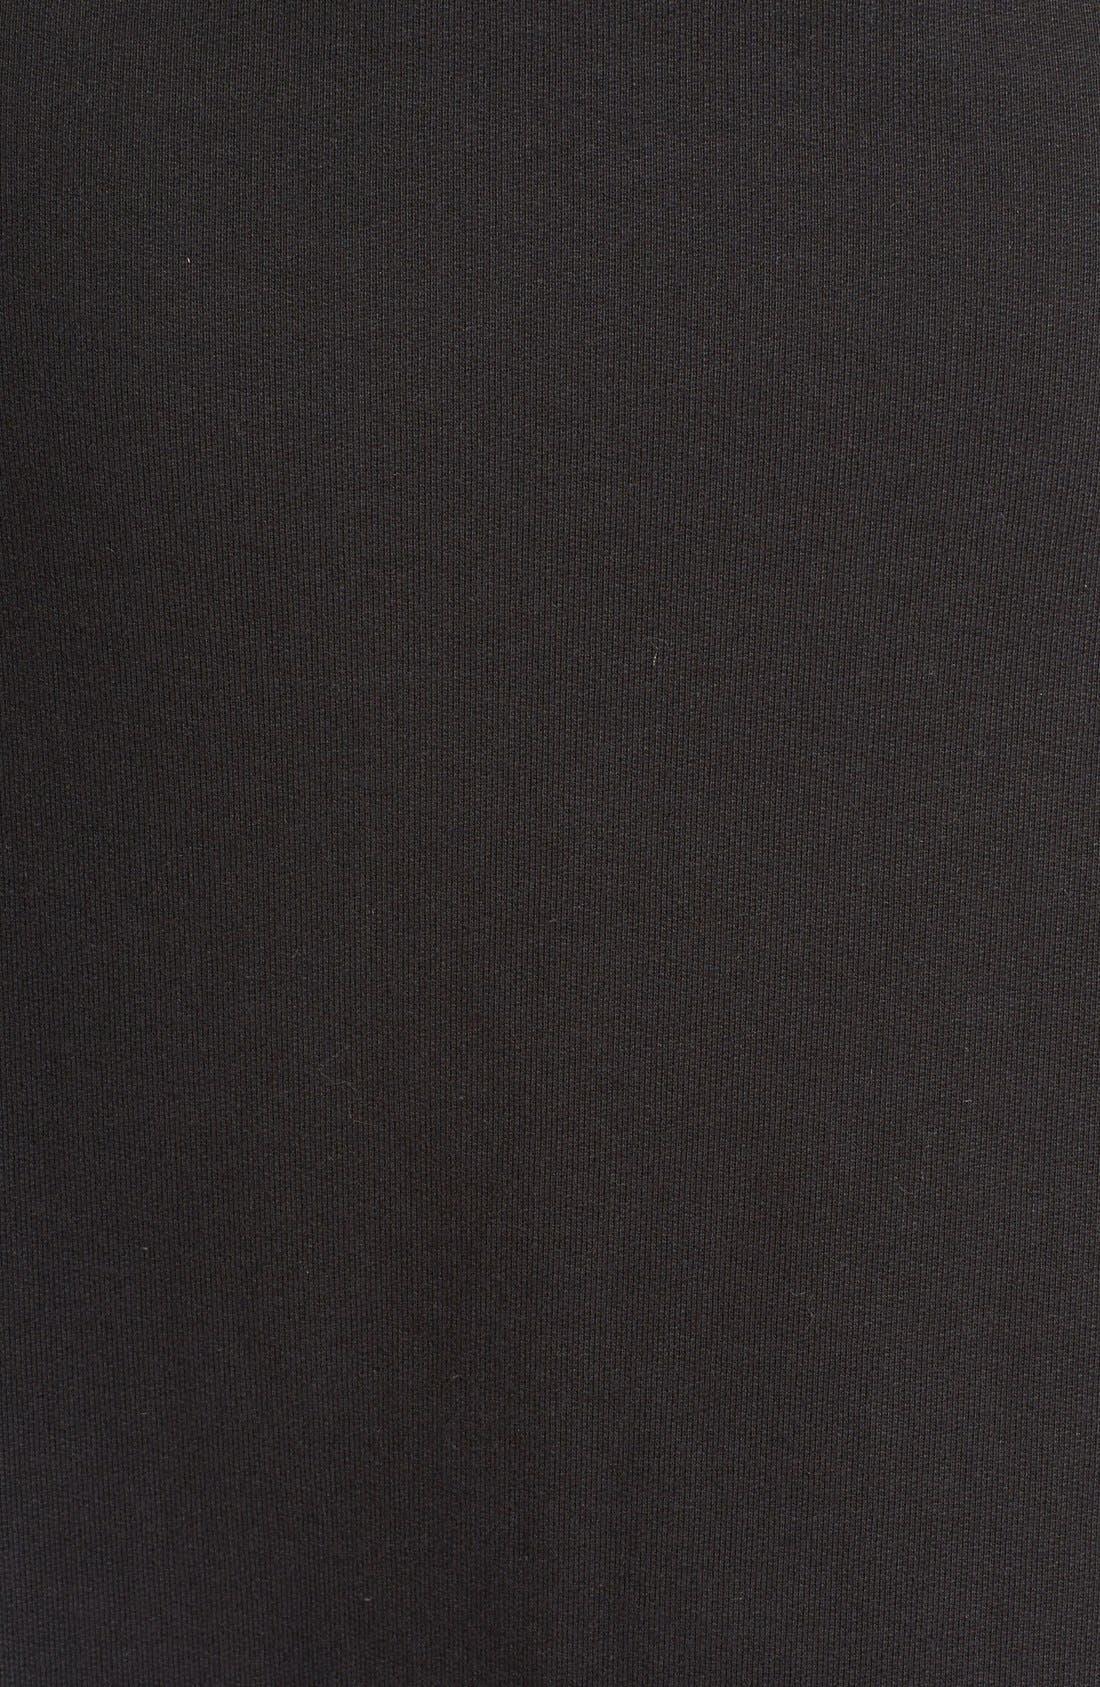 Alternate Image 3  - Vetements Oversize Crewneck Sweatshirt